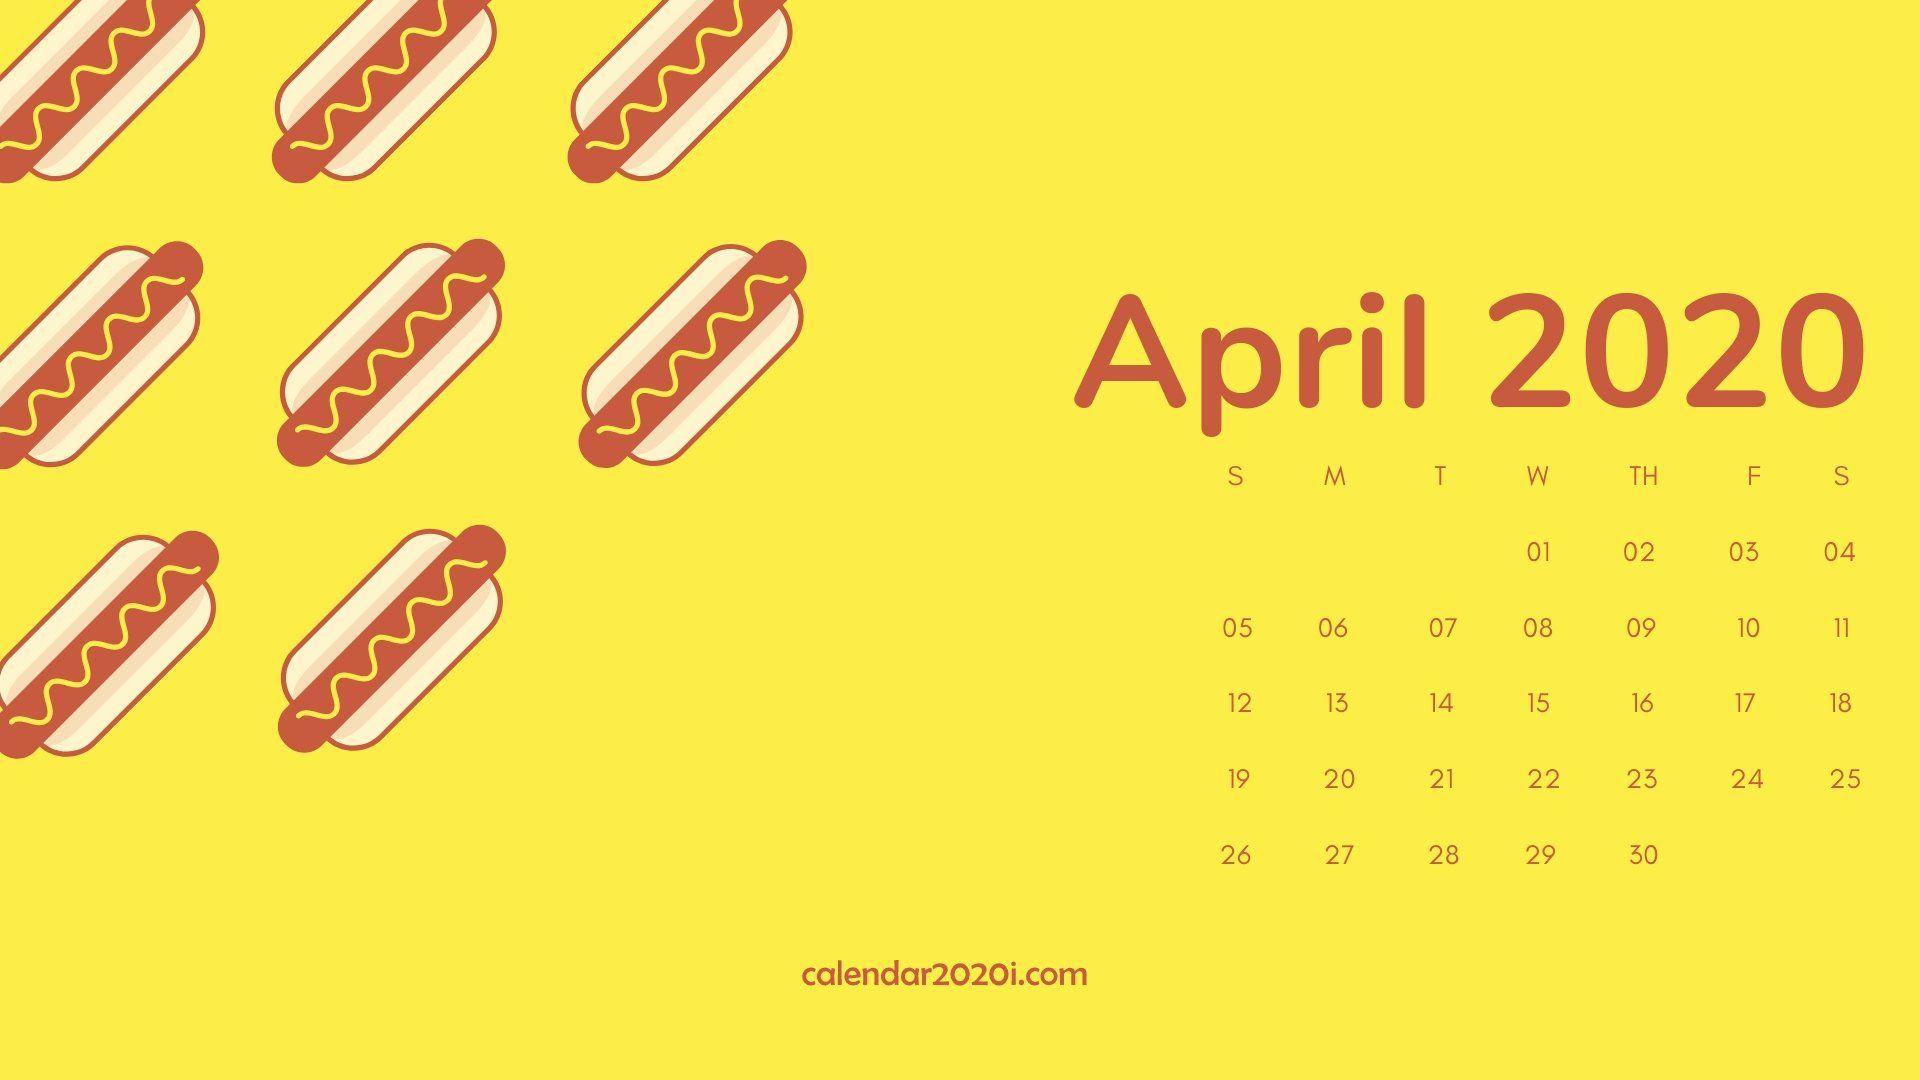 April 2022 Wallpaper Calendar.April 2020 Calendar Desktop Wallpaper